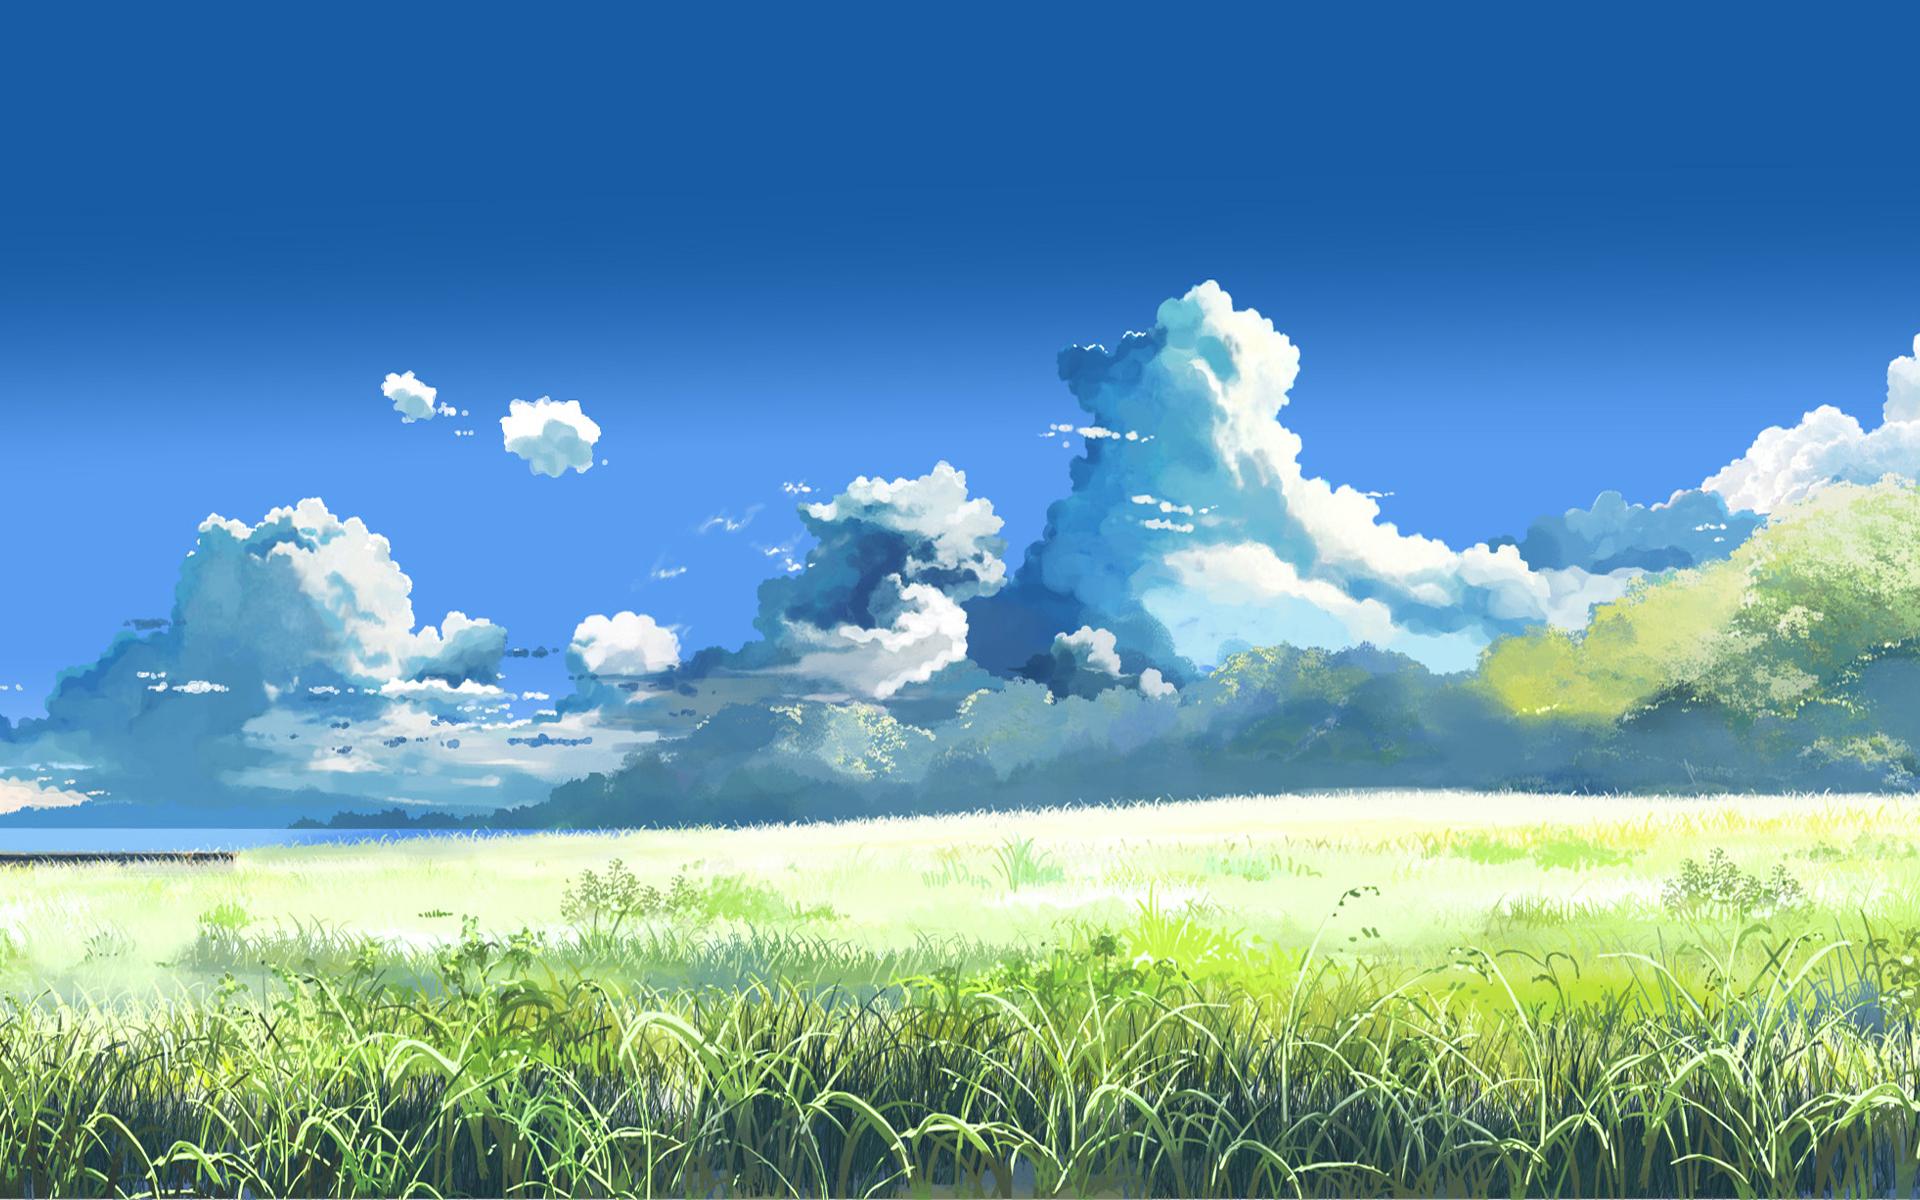 10729 скачать обои Пейзаж, Трава, Небо, Облака, Рисунки - заставки и картинки бесплатно